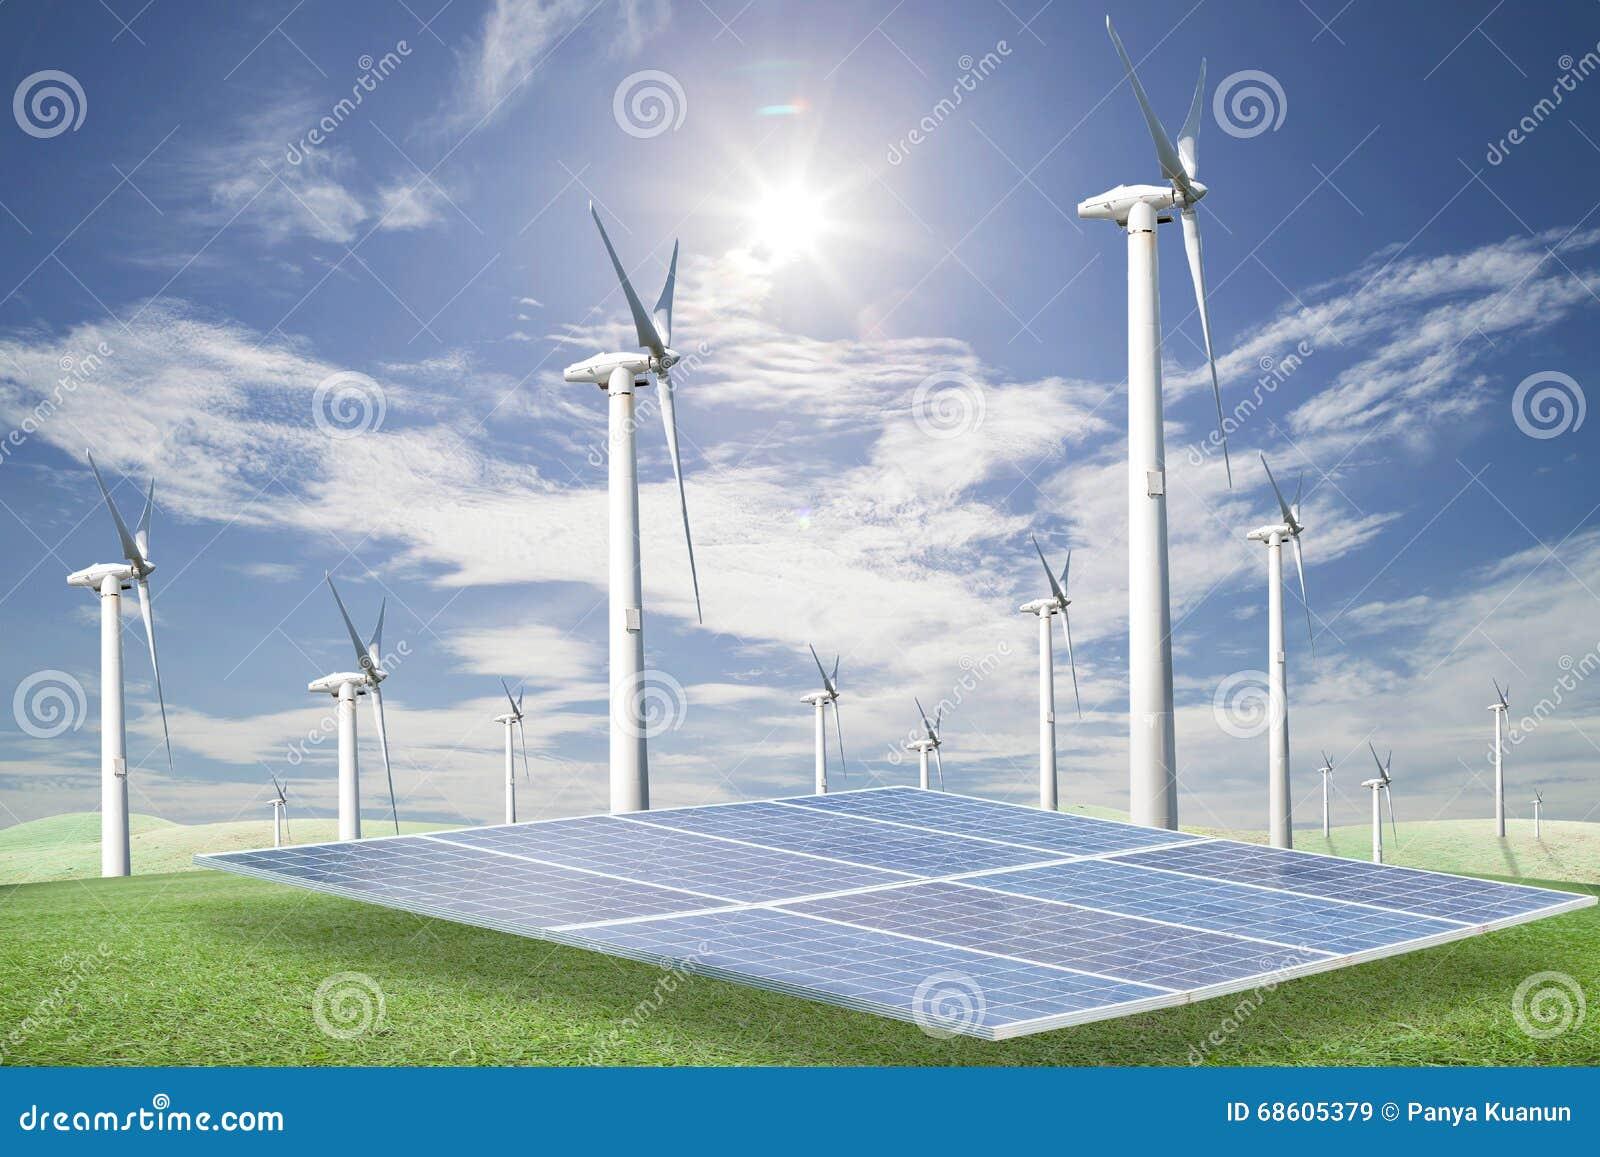 Sonnenkollektoren, Windkraftanlagen auf grünem Gras mit blauer Himmel backgrou